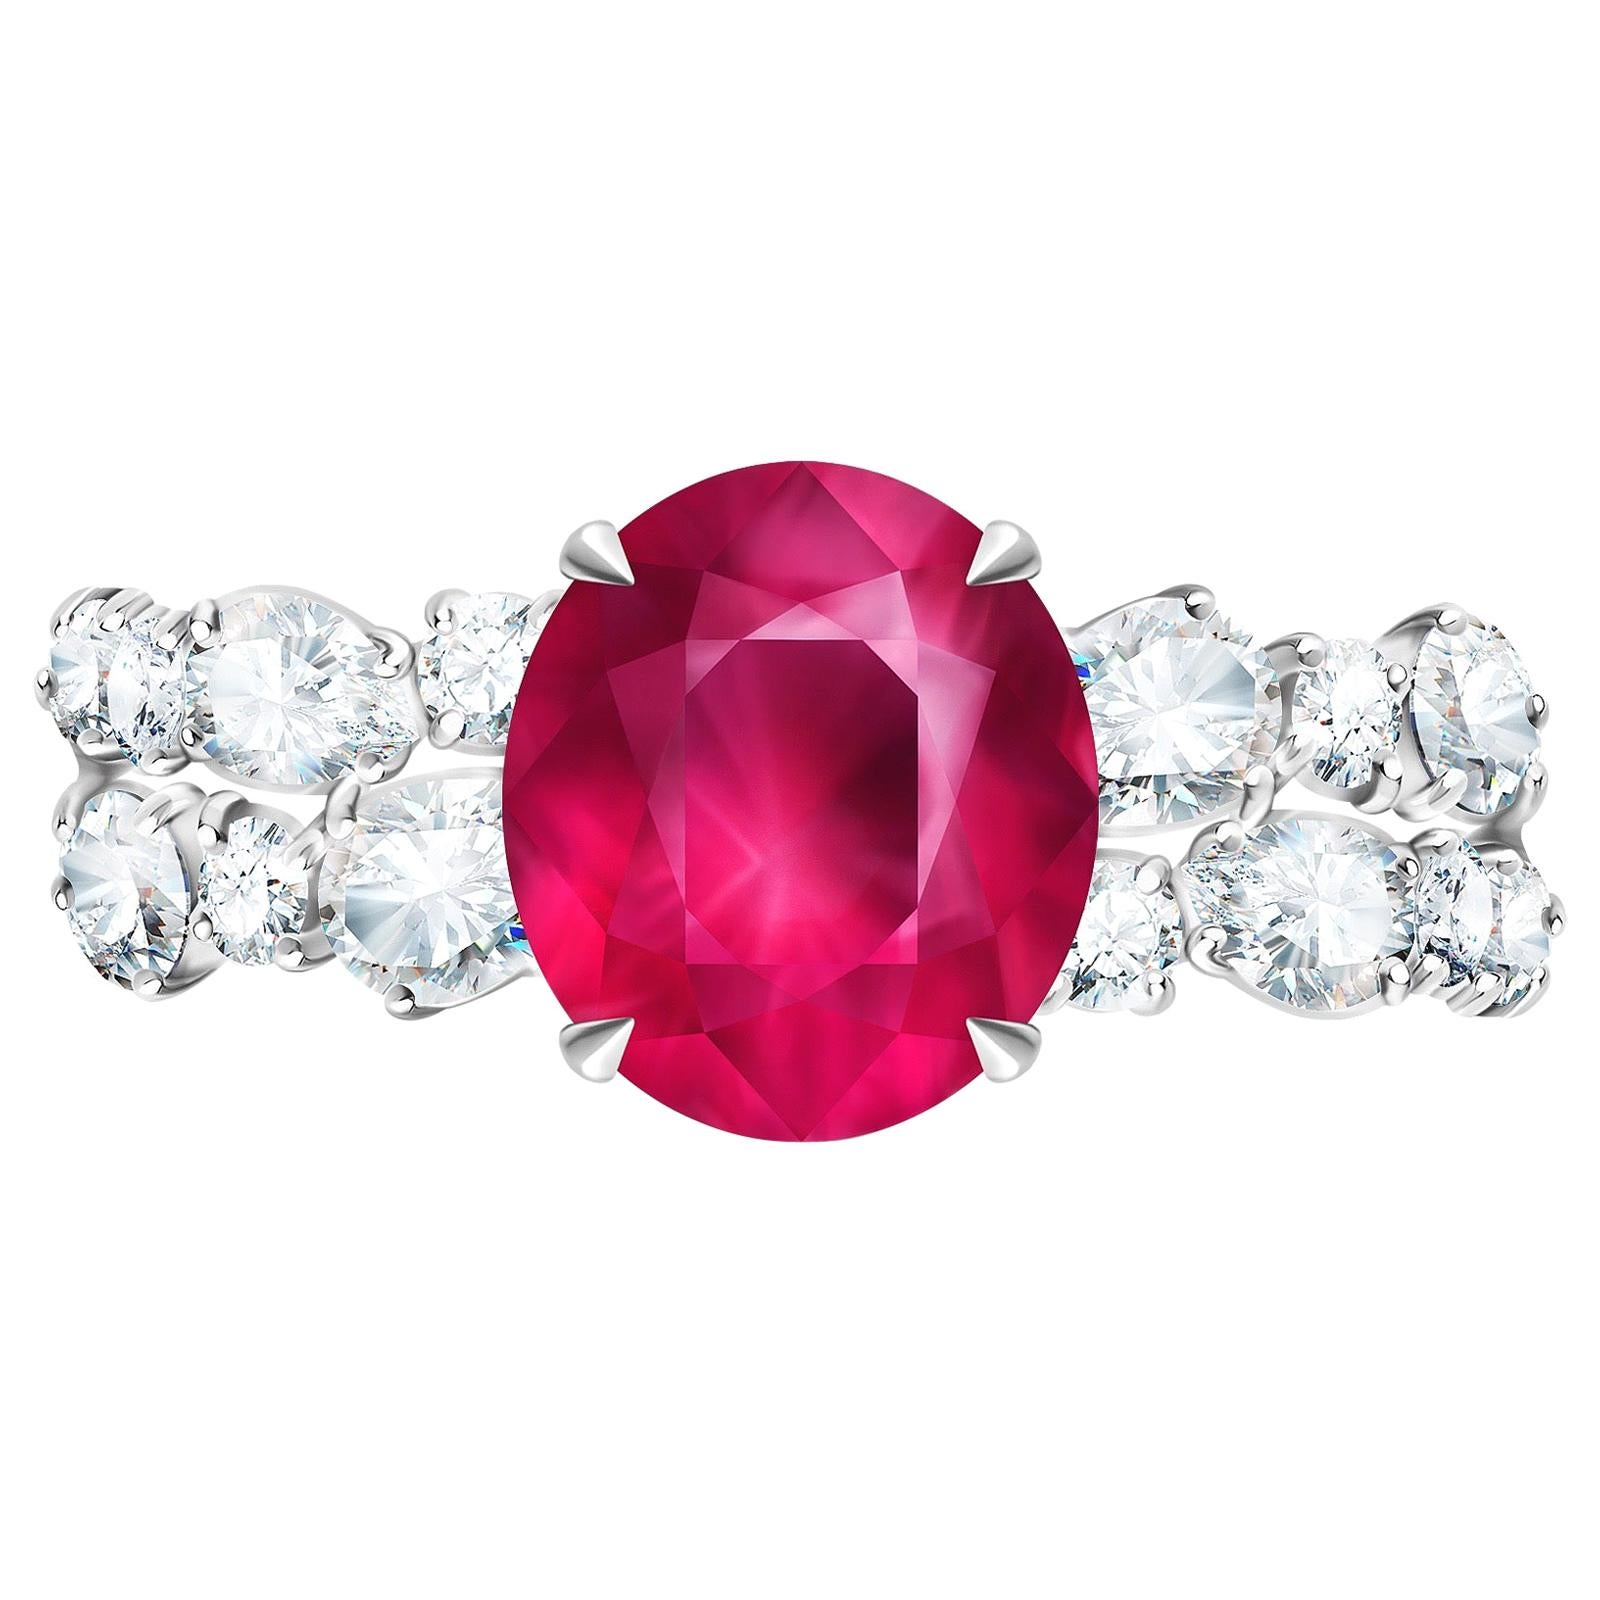 3.5 Carat Vivid Pink Spinel Mahenge Diamond 18 Karat White Gold Ring